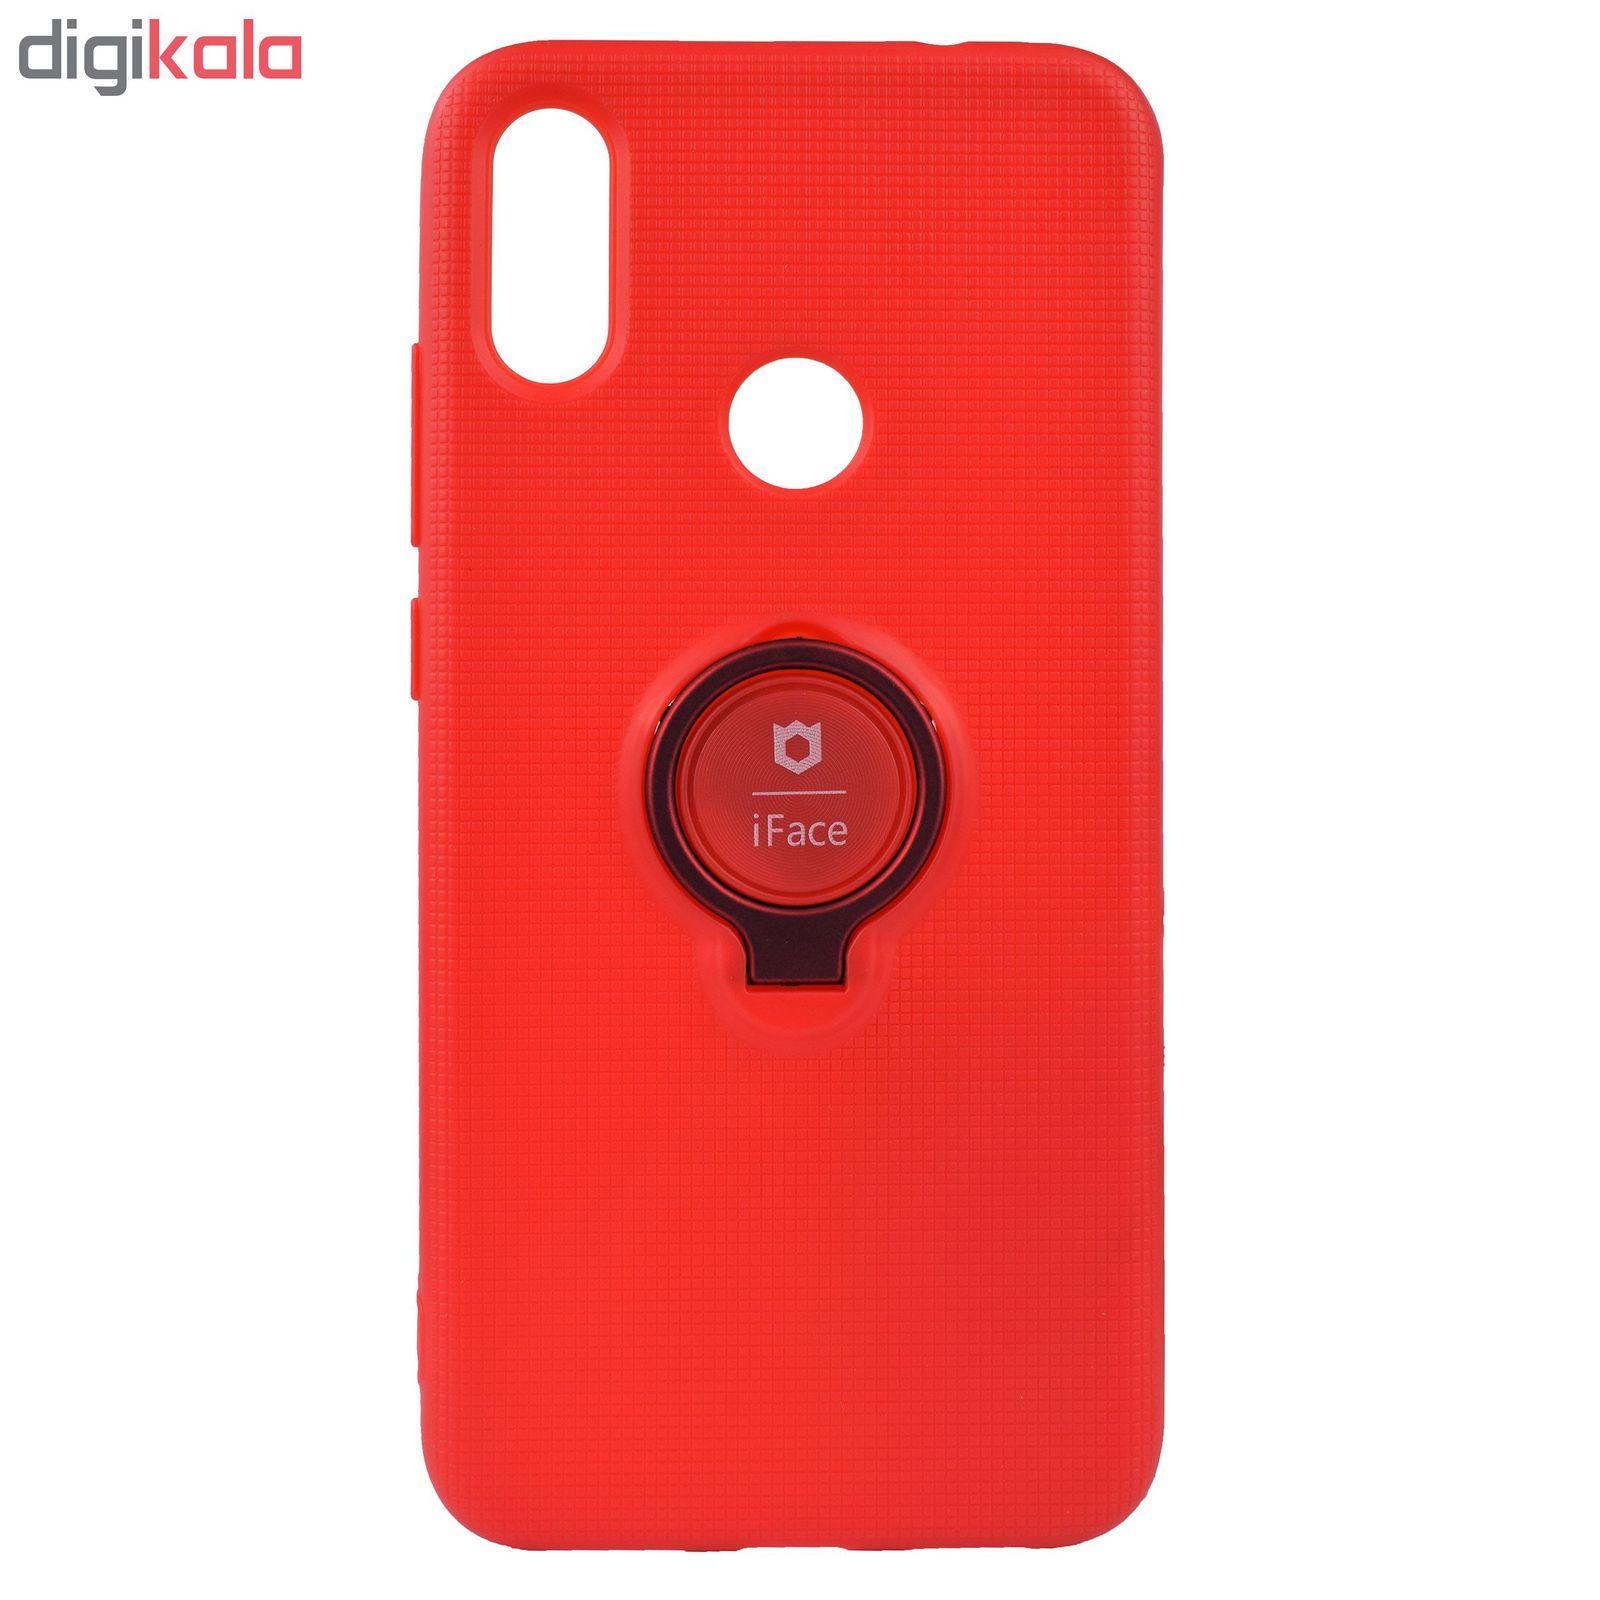 کاور آی فیس مدل IF30 مناسب برای گوشی موبایل شیائومی Redmi Note 7 / Note 7 Pro main 1 4